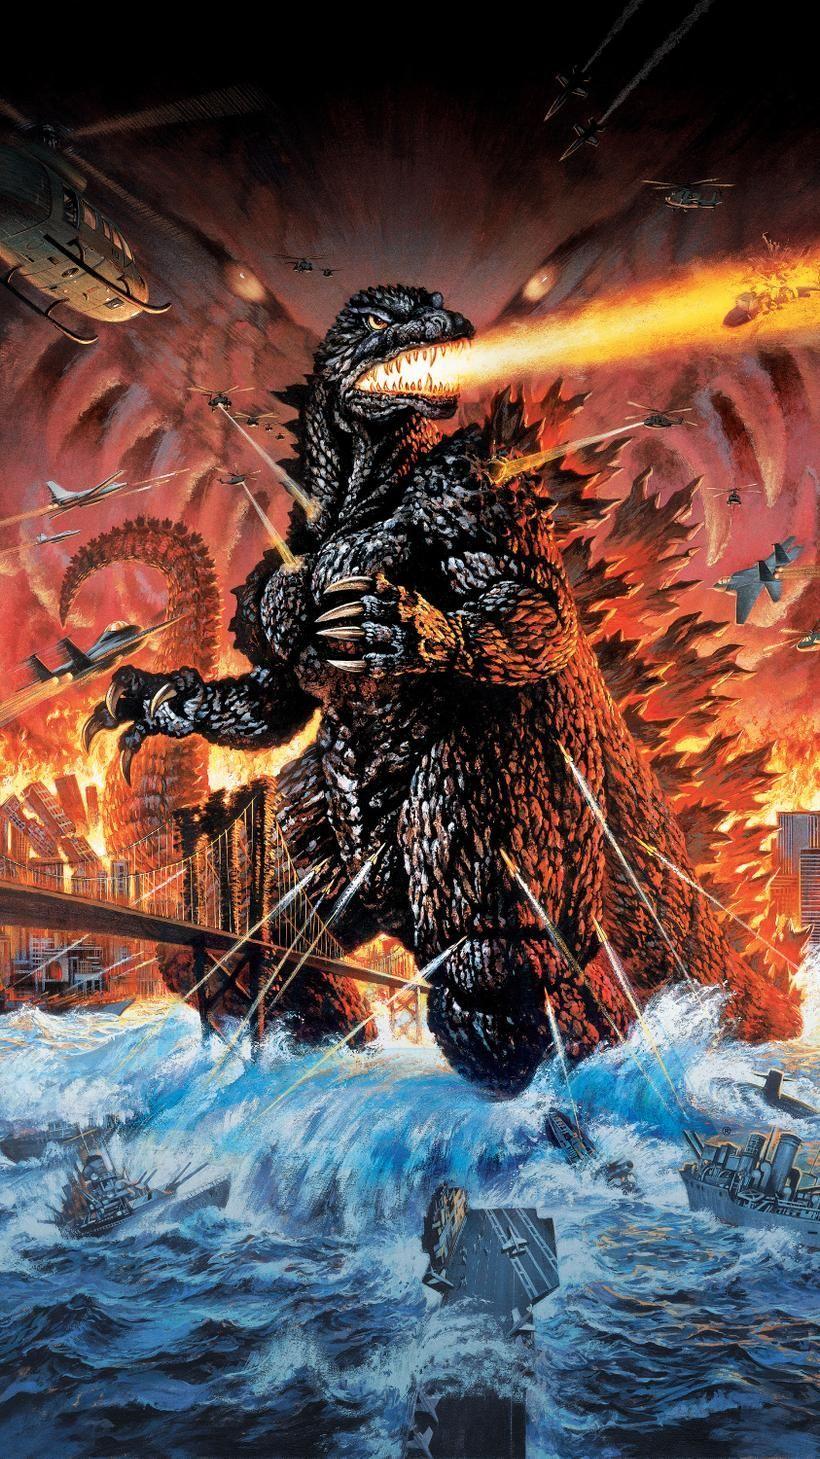 Godzilla 2000 Wallpapers   Top Godzilla 2000 Backgrounds 820x1459